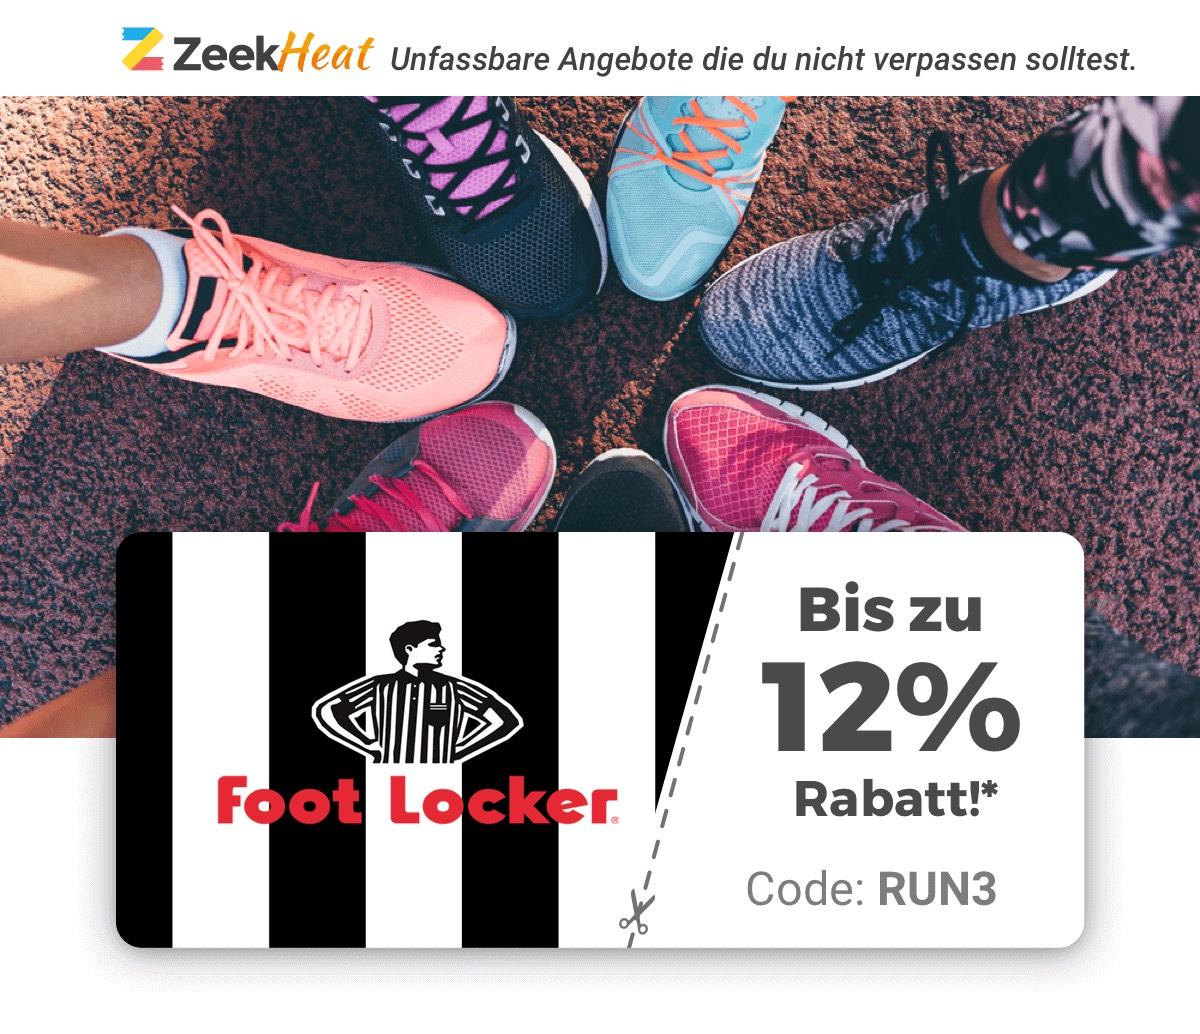 Zeek Heat Sneaker-Special – 12% bei Foot Locker